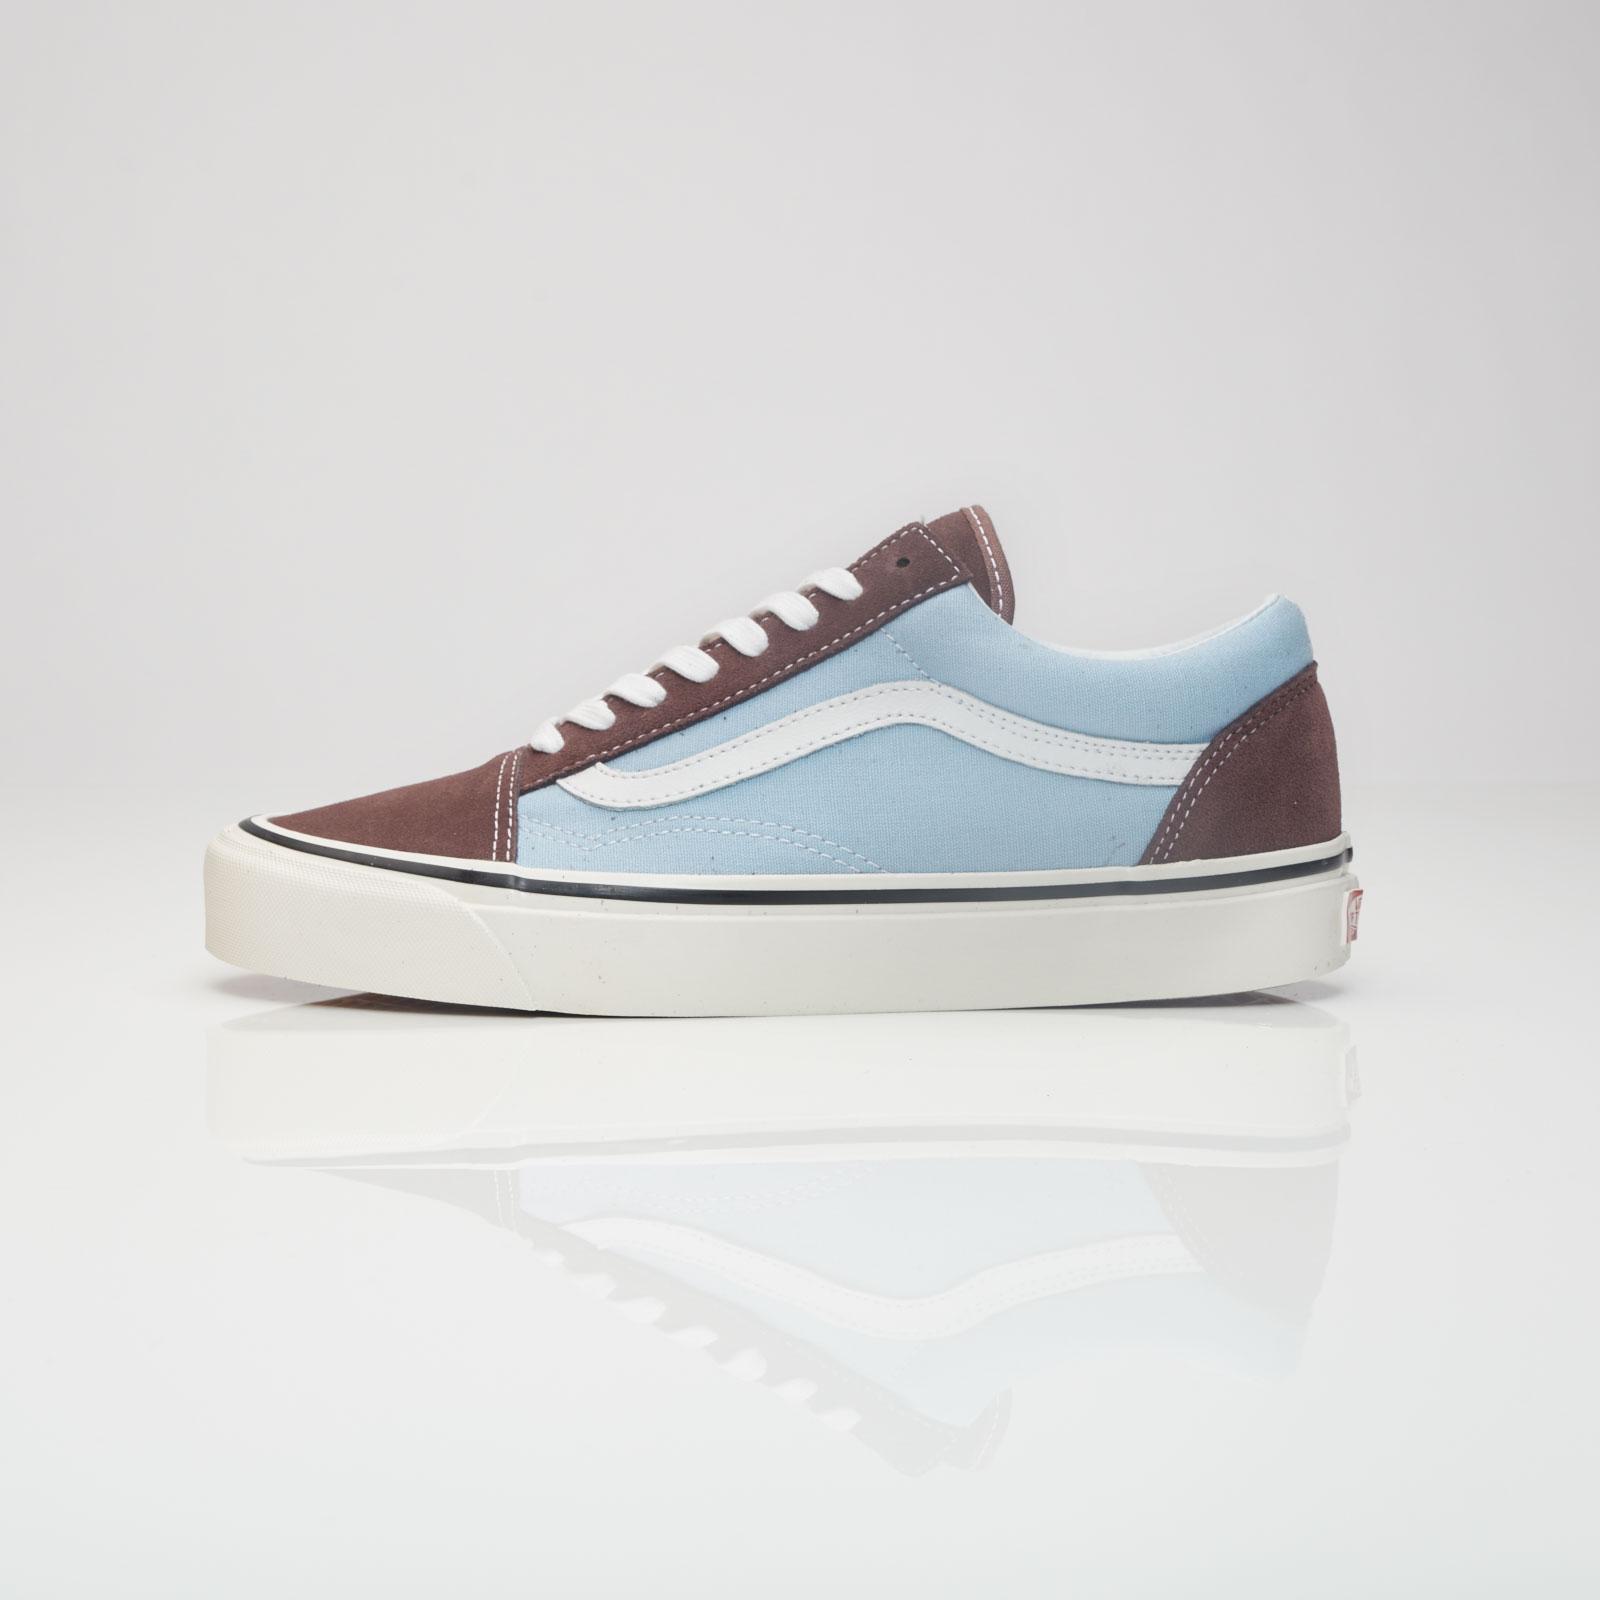 72bef5fd549 Vans Old Skool 35 - Va38g2mwo - Sneakersnstuff